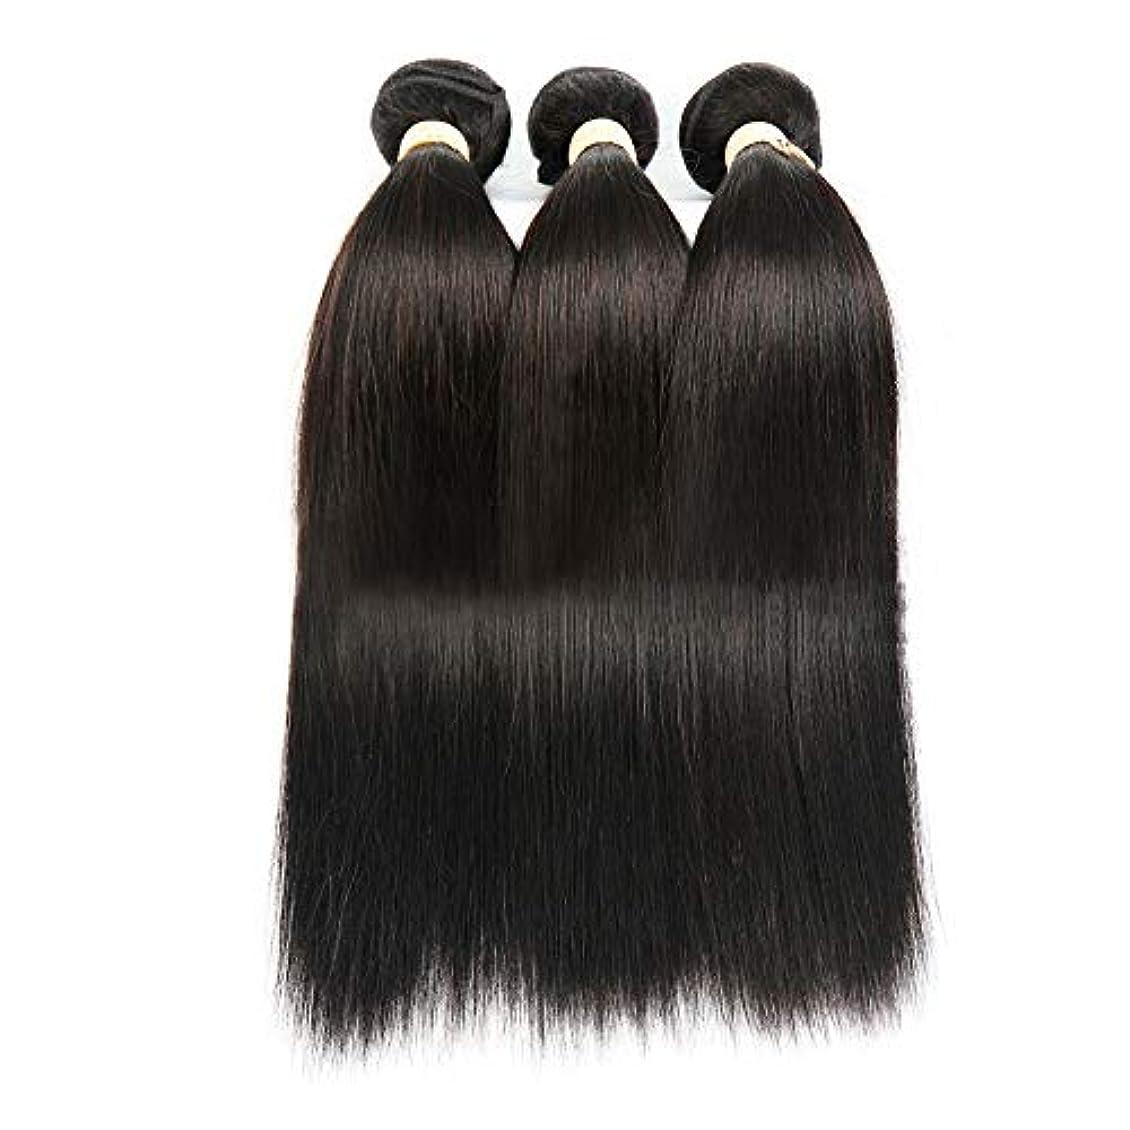 成功三番引数WASAIO 8?28インチ)ブラック、ヘアエクステンションクリップのシームレスなリアルな黒人間織りバンドル実横糸 - 真(1つのバンドル (色 : 黒, サイズ : 18 inch)